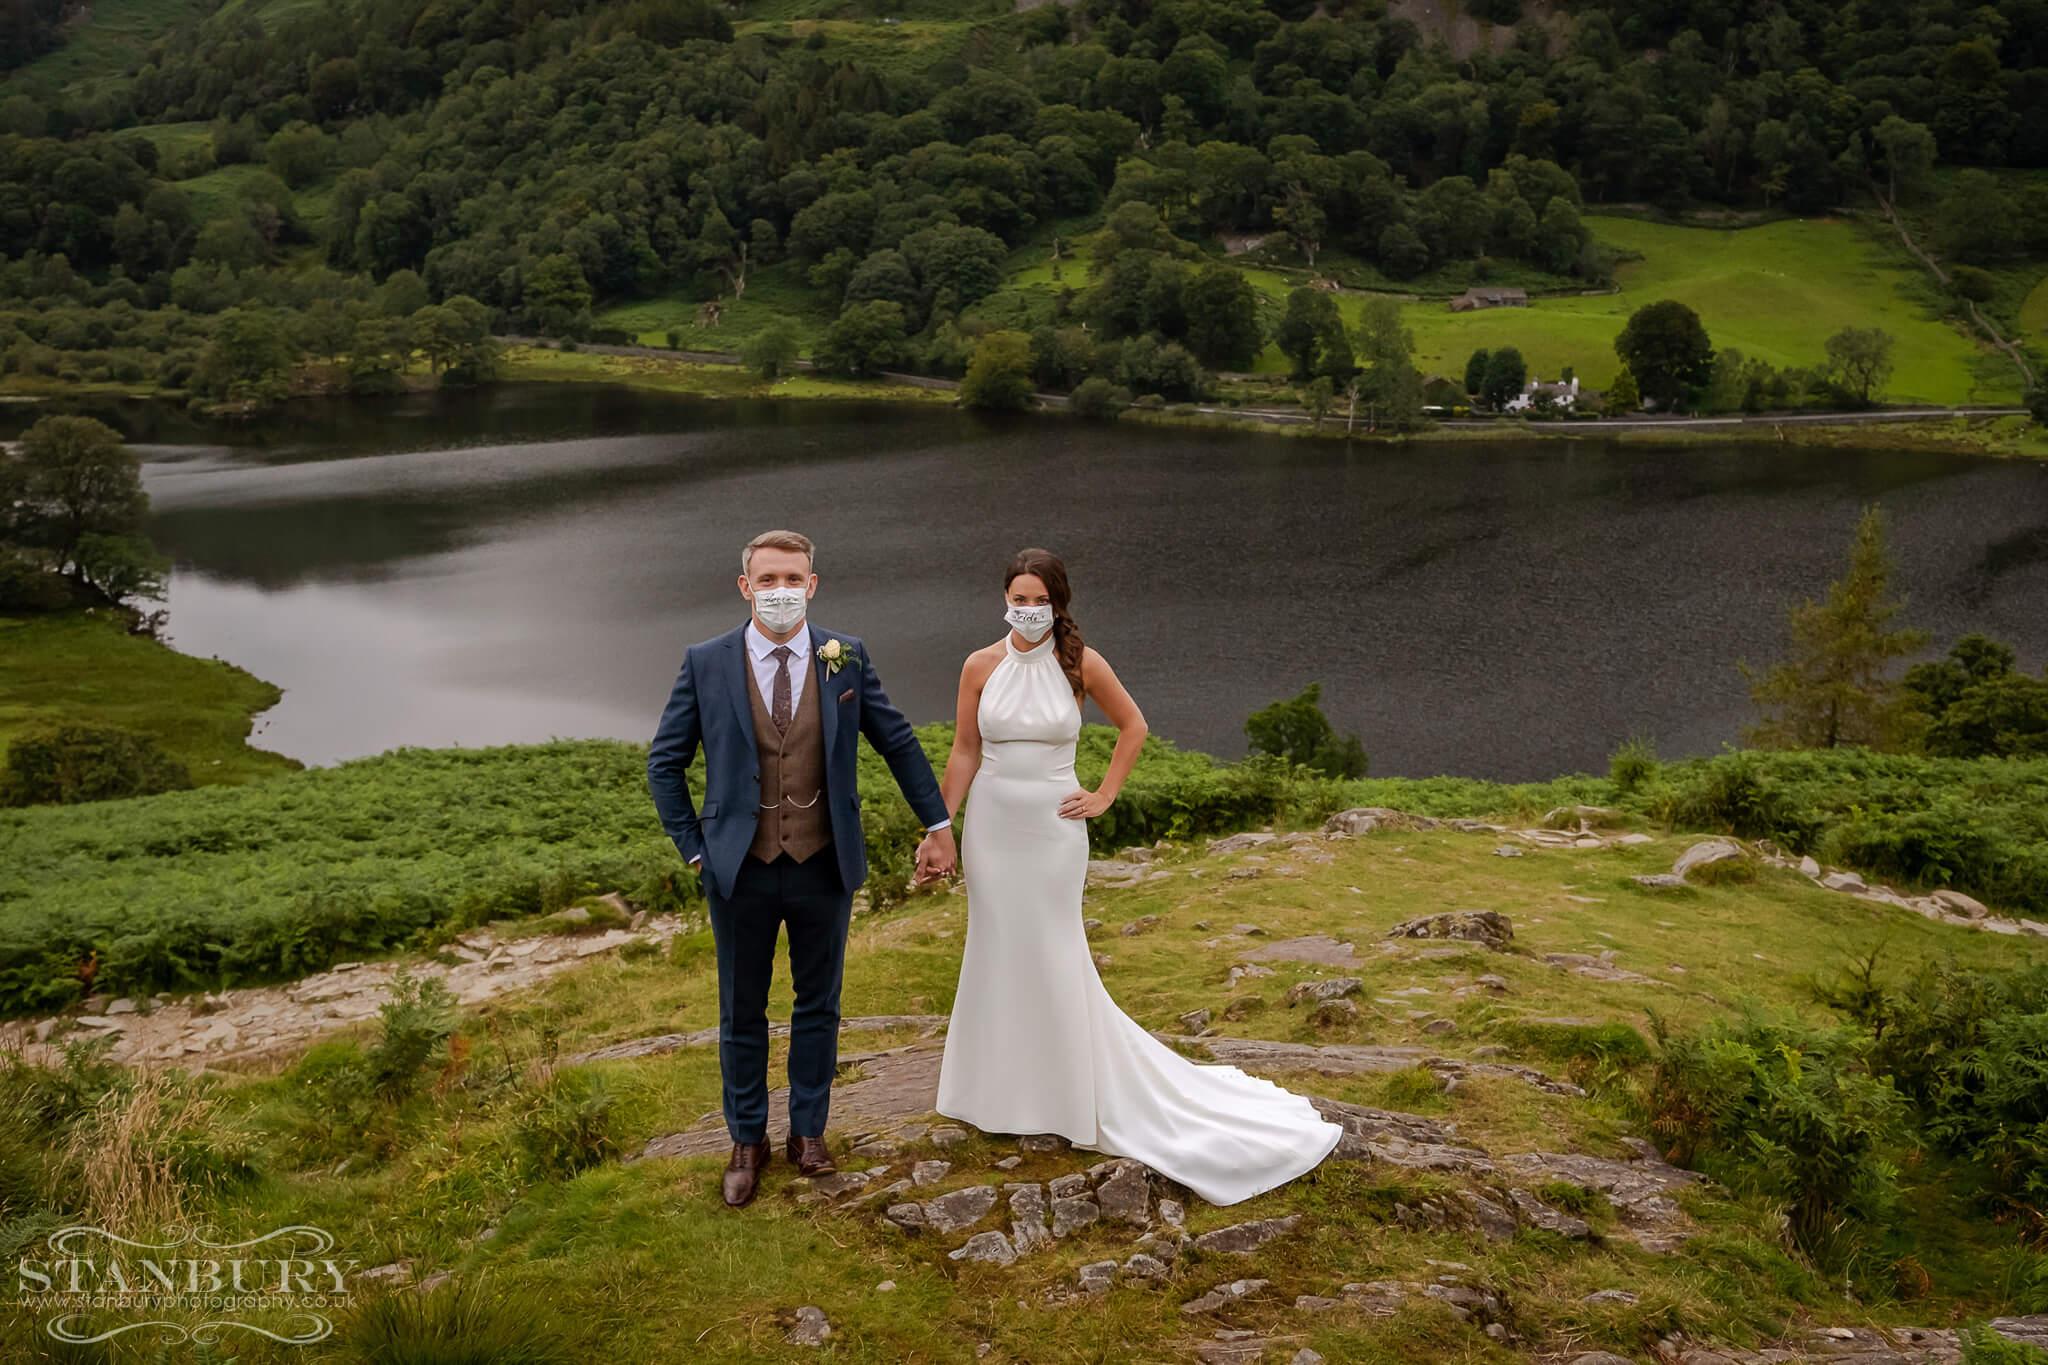 face-masks-bride-groom-wedding-day